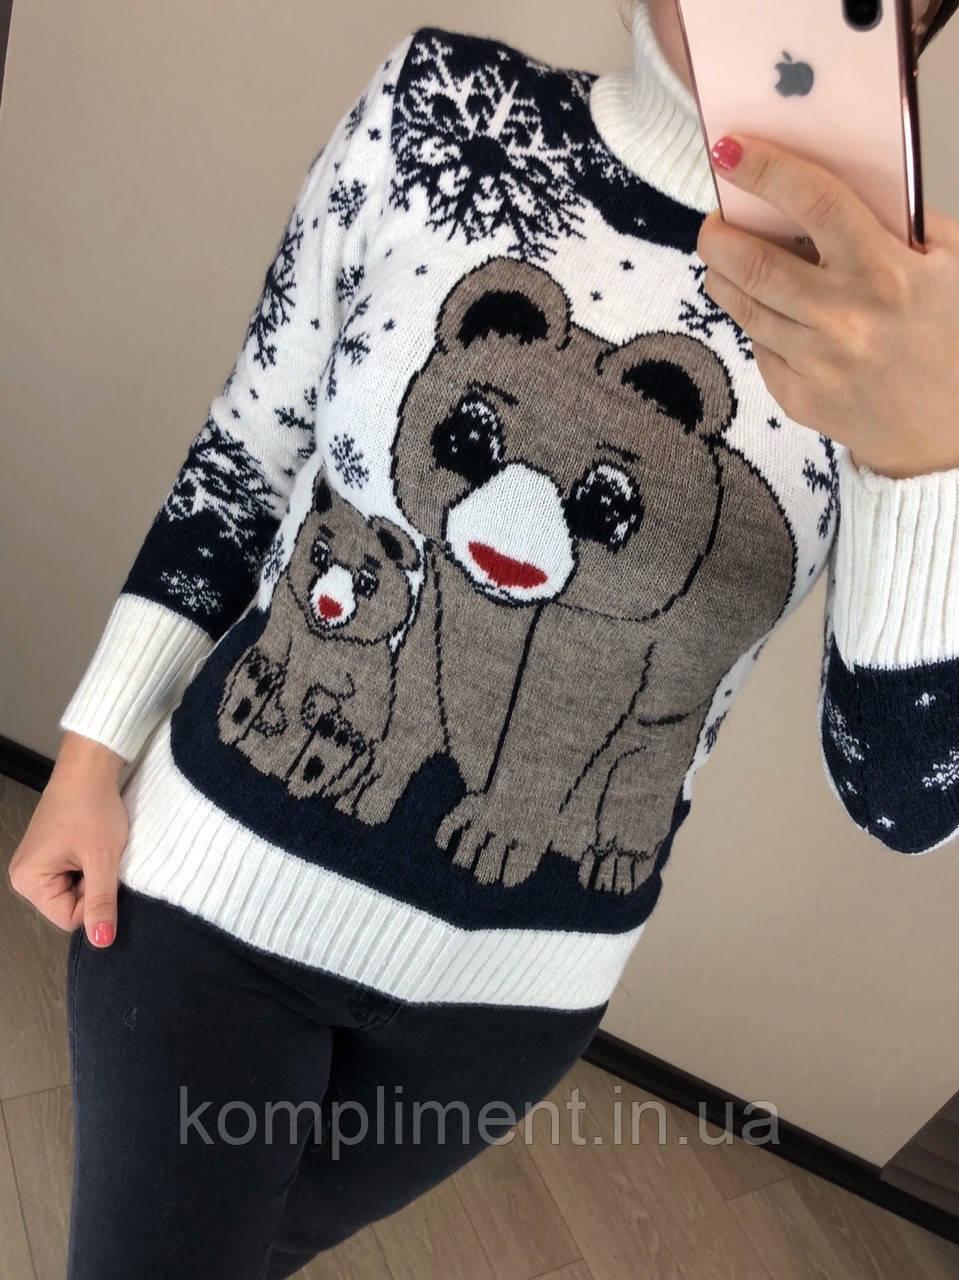 Шерстяной турецкий вязаный свитер с рисунком медведи, белый